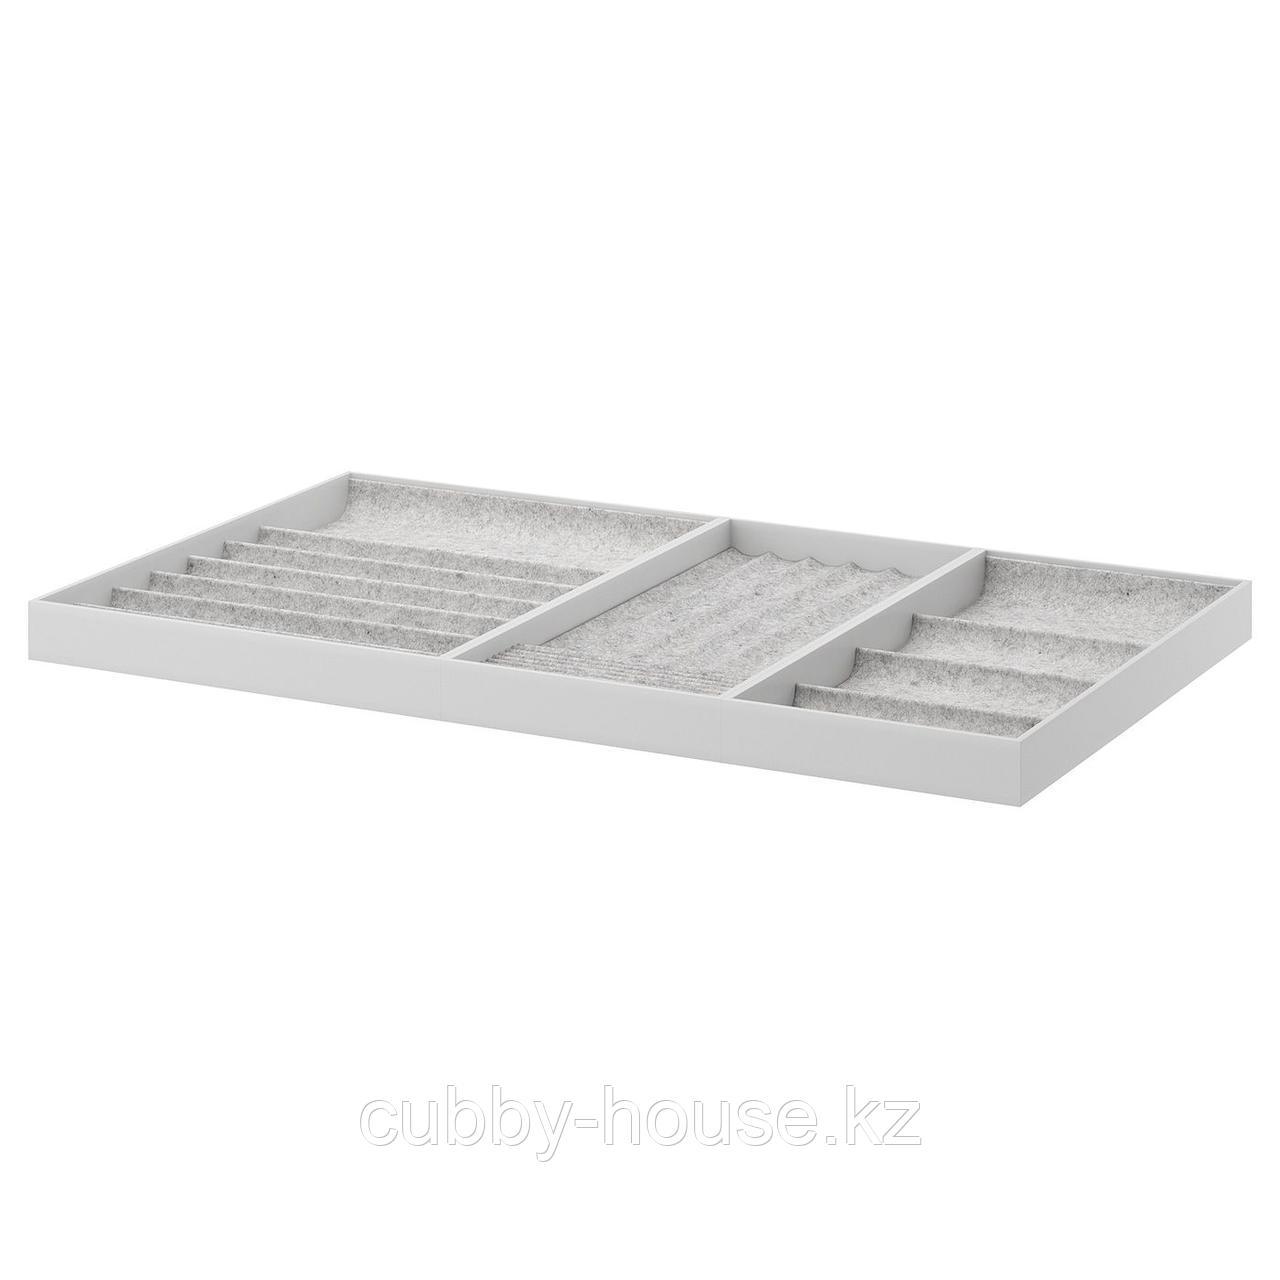 КОМПЛИМЕНТ Вставка для выдвижной полки, светло-серый, 100x58 см